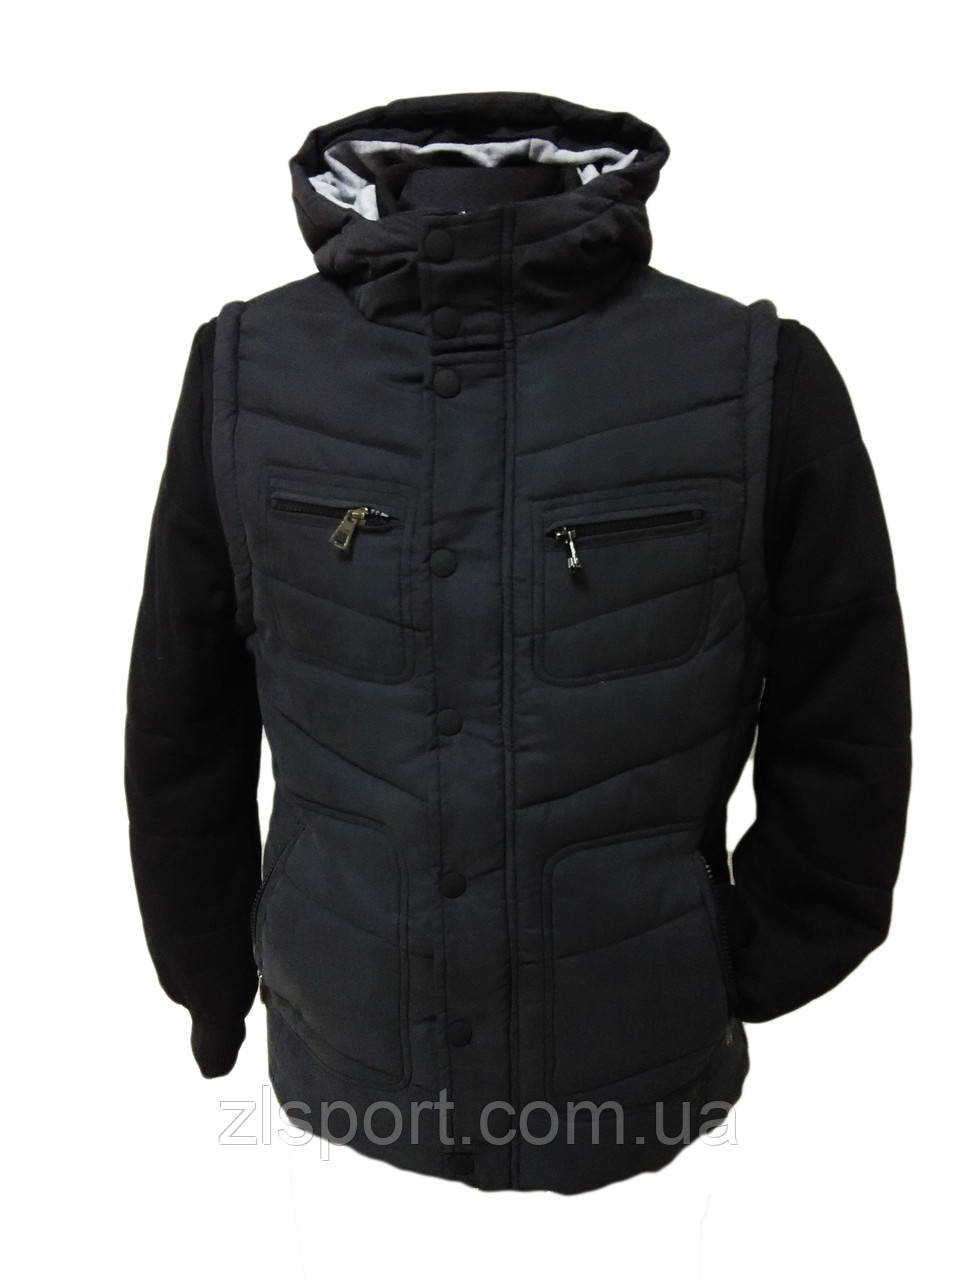 Купить Демисезонную Куртку С Капюшоном